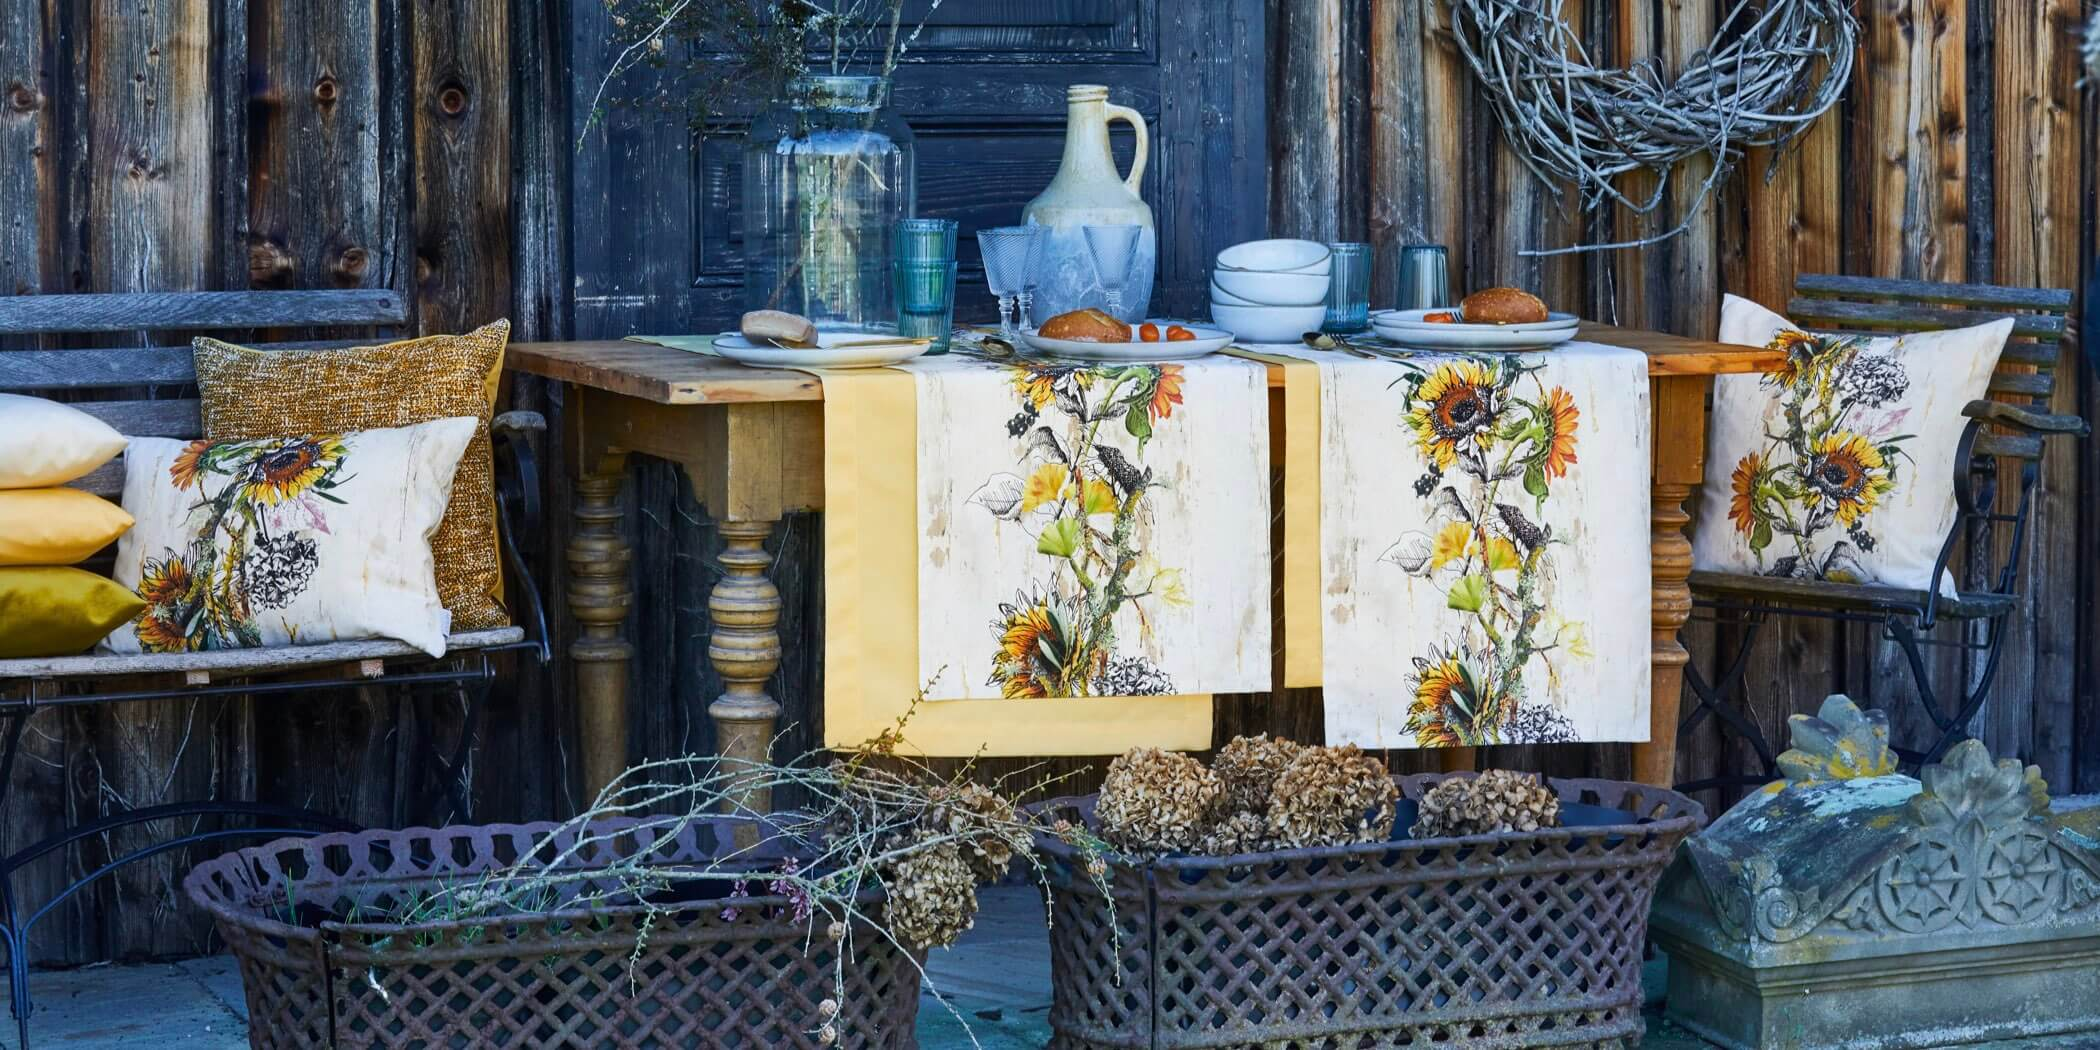 Herbttextilien | Herbst Kissen & Herbst Tischdecken